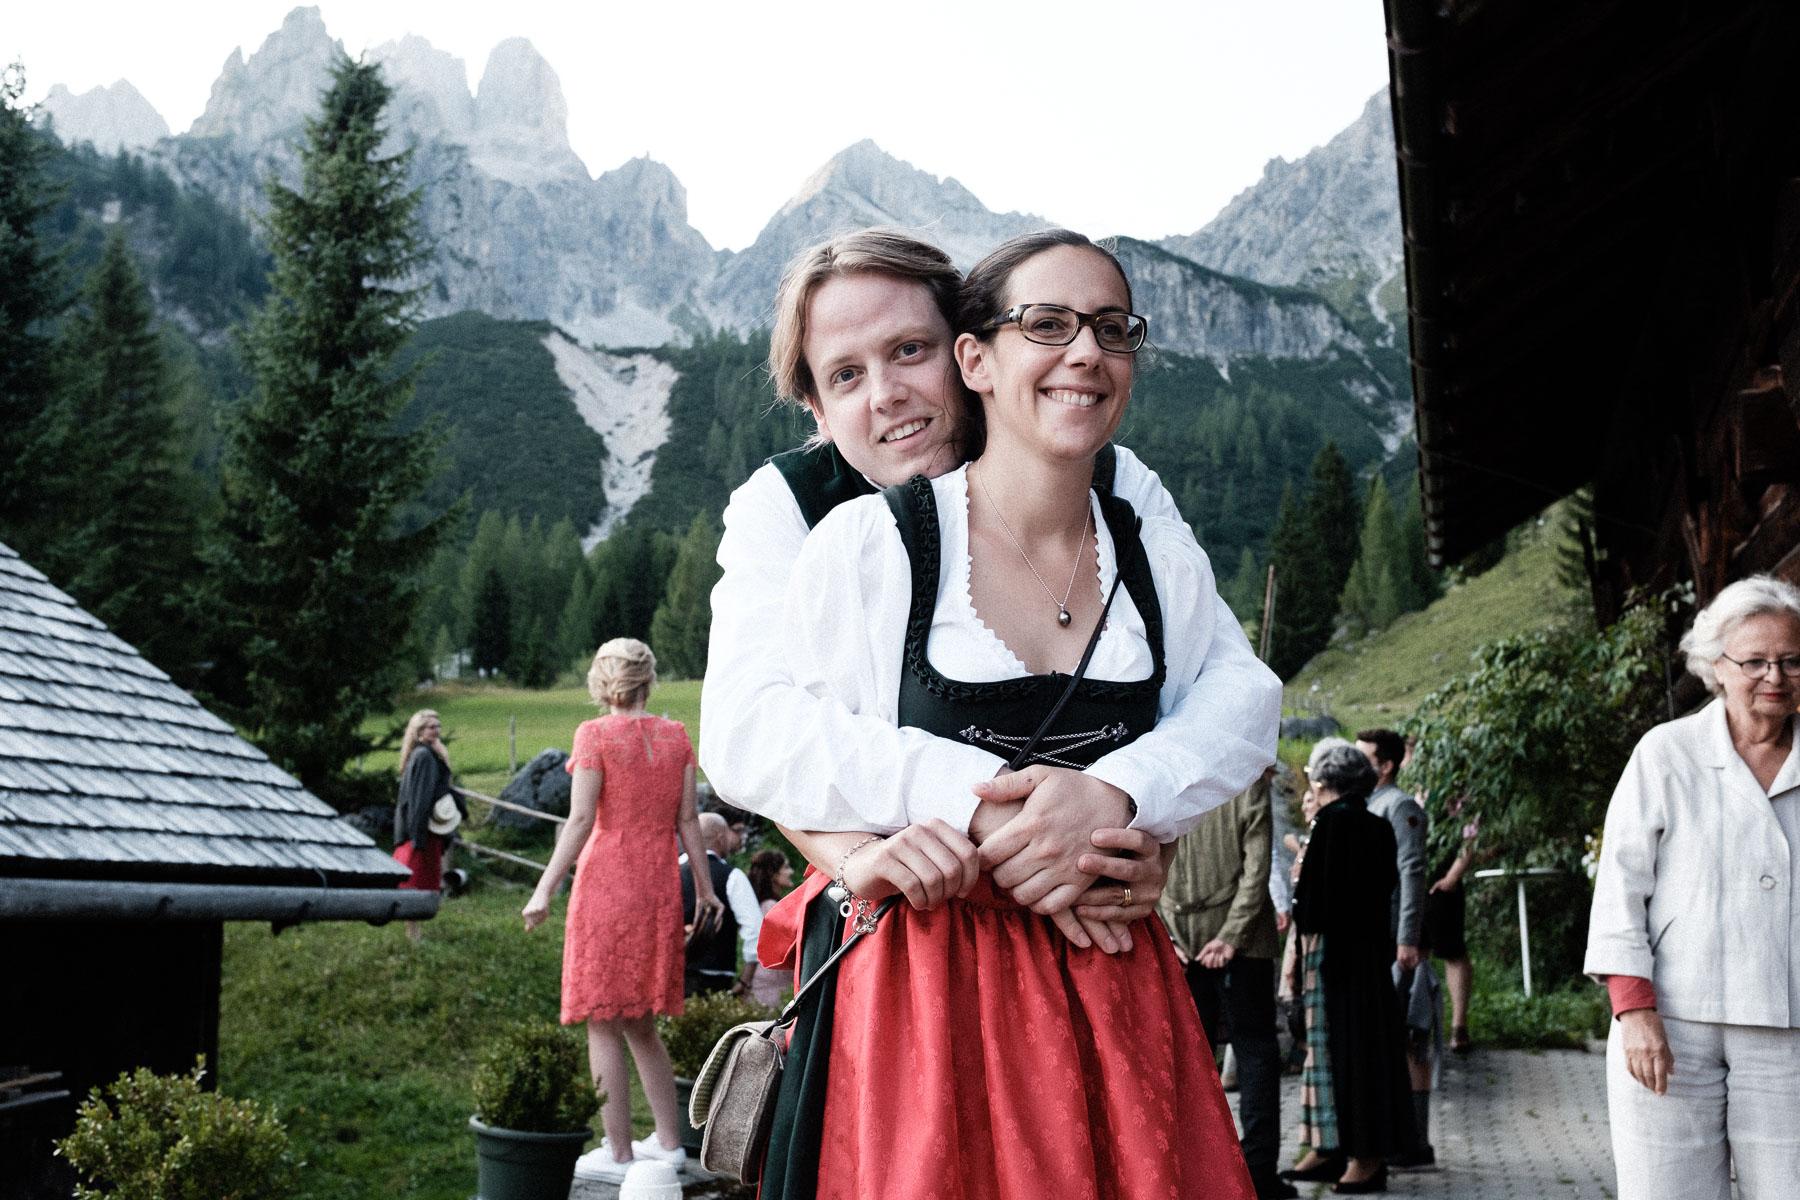 MartinLiebl_Hochzeitsfotograf_DPH_Blog_63.jpg